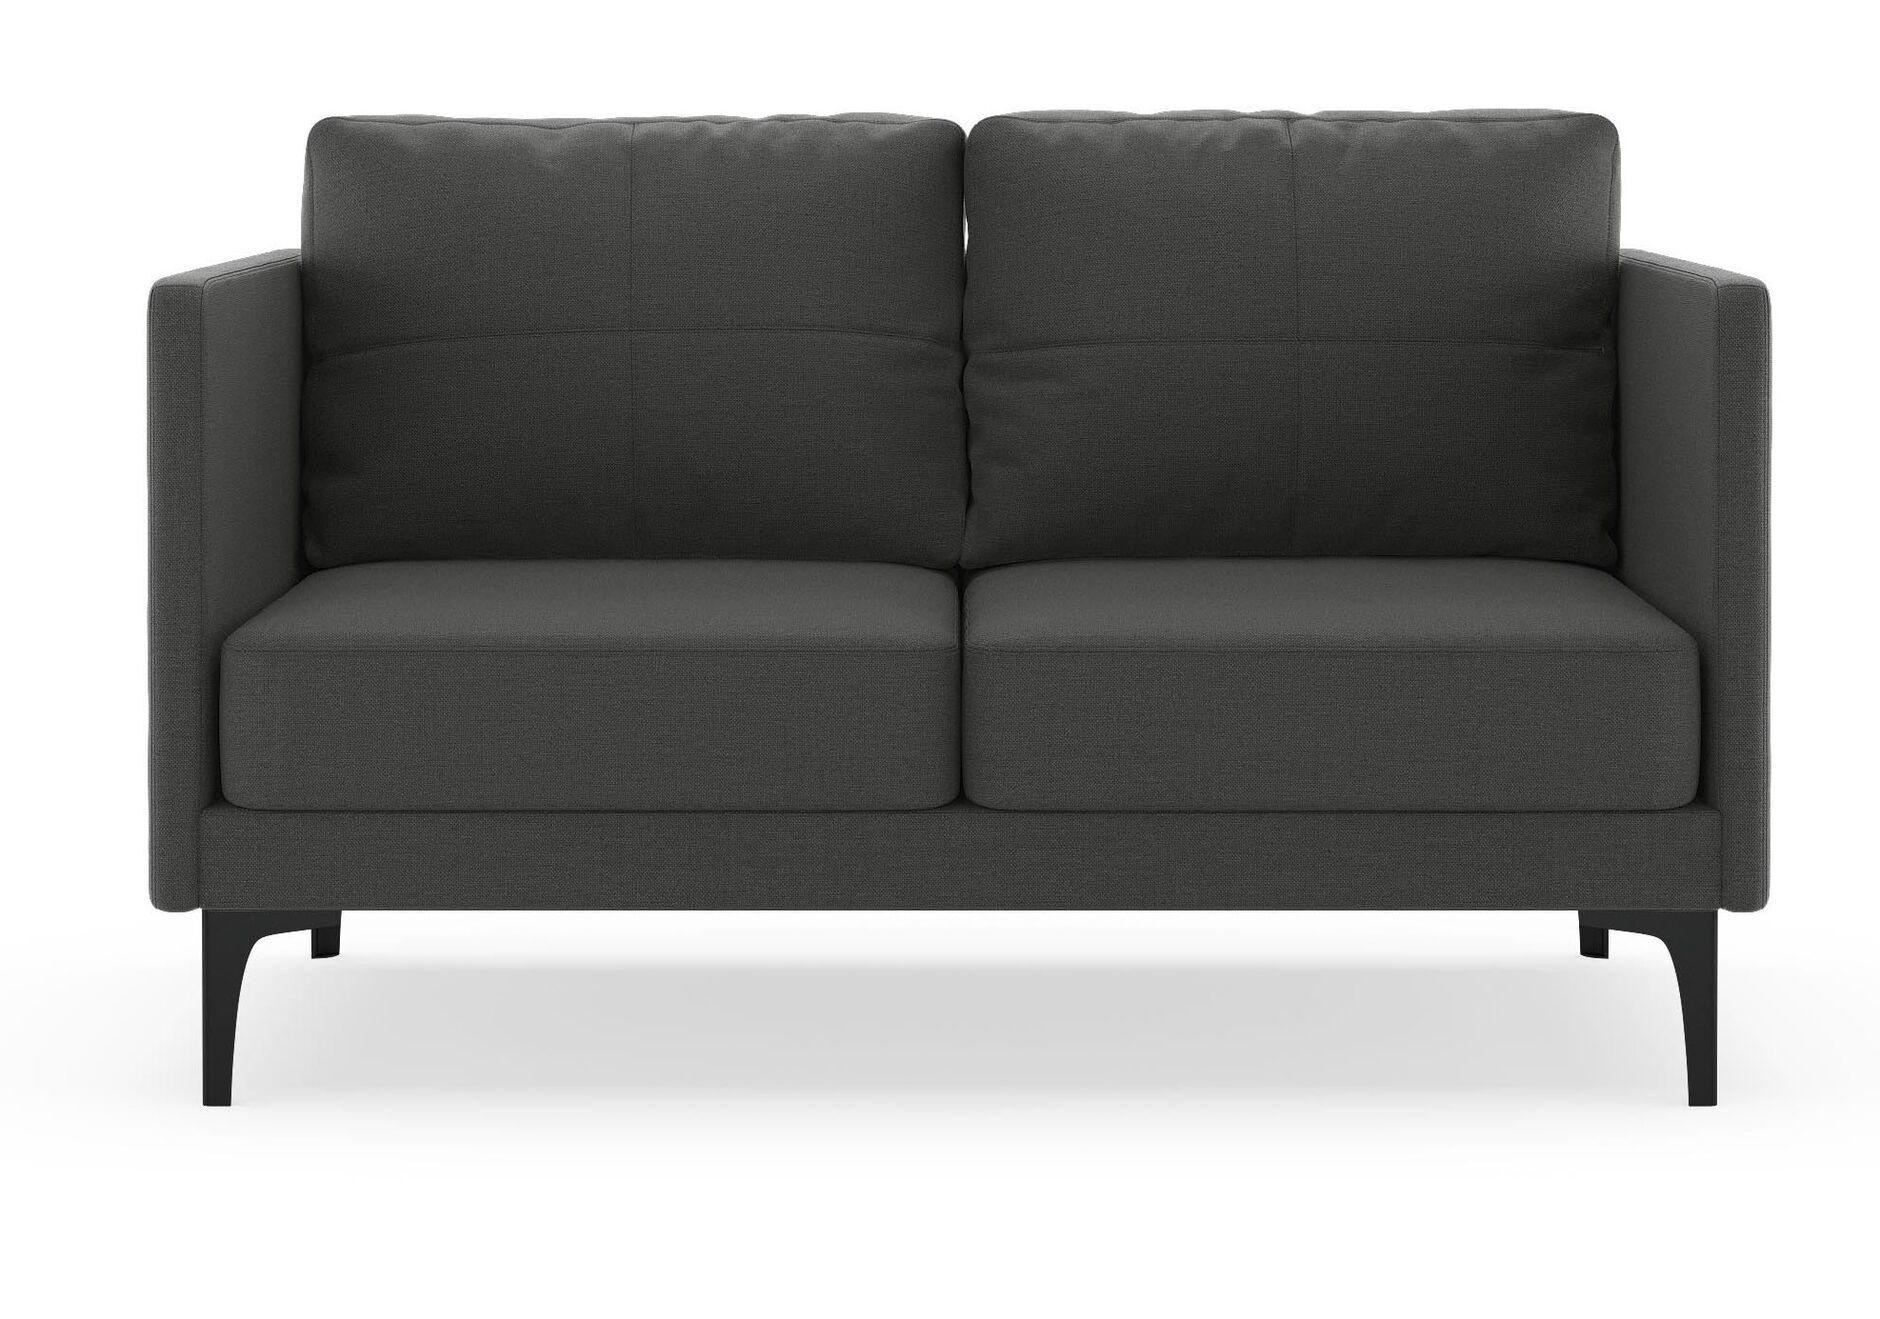 Cromartie Loveseat Finish: Black, Upholstery: Ocean Gray